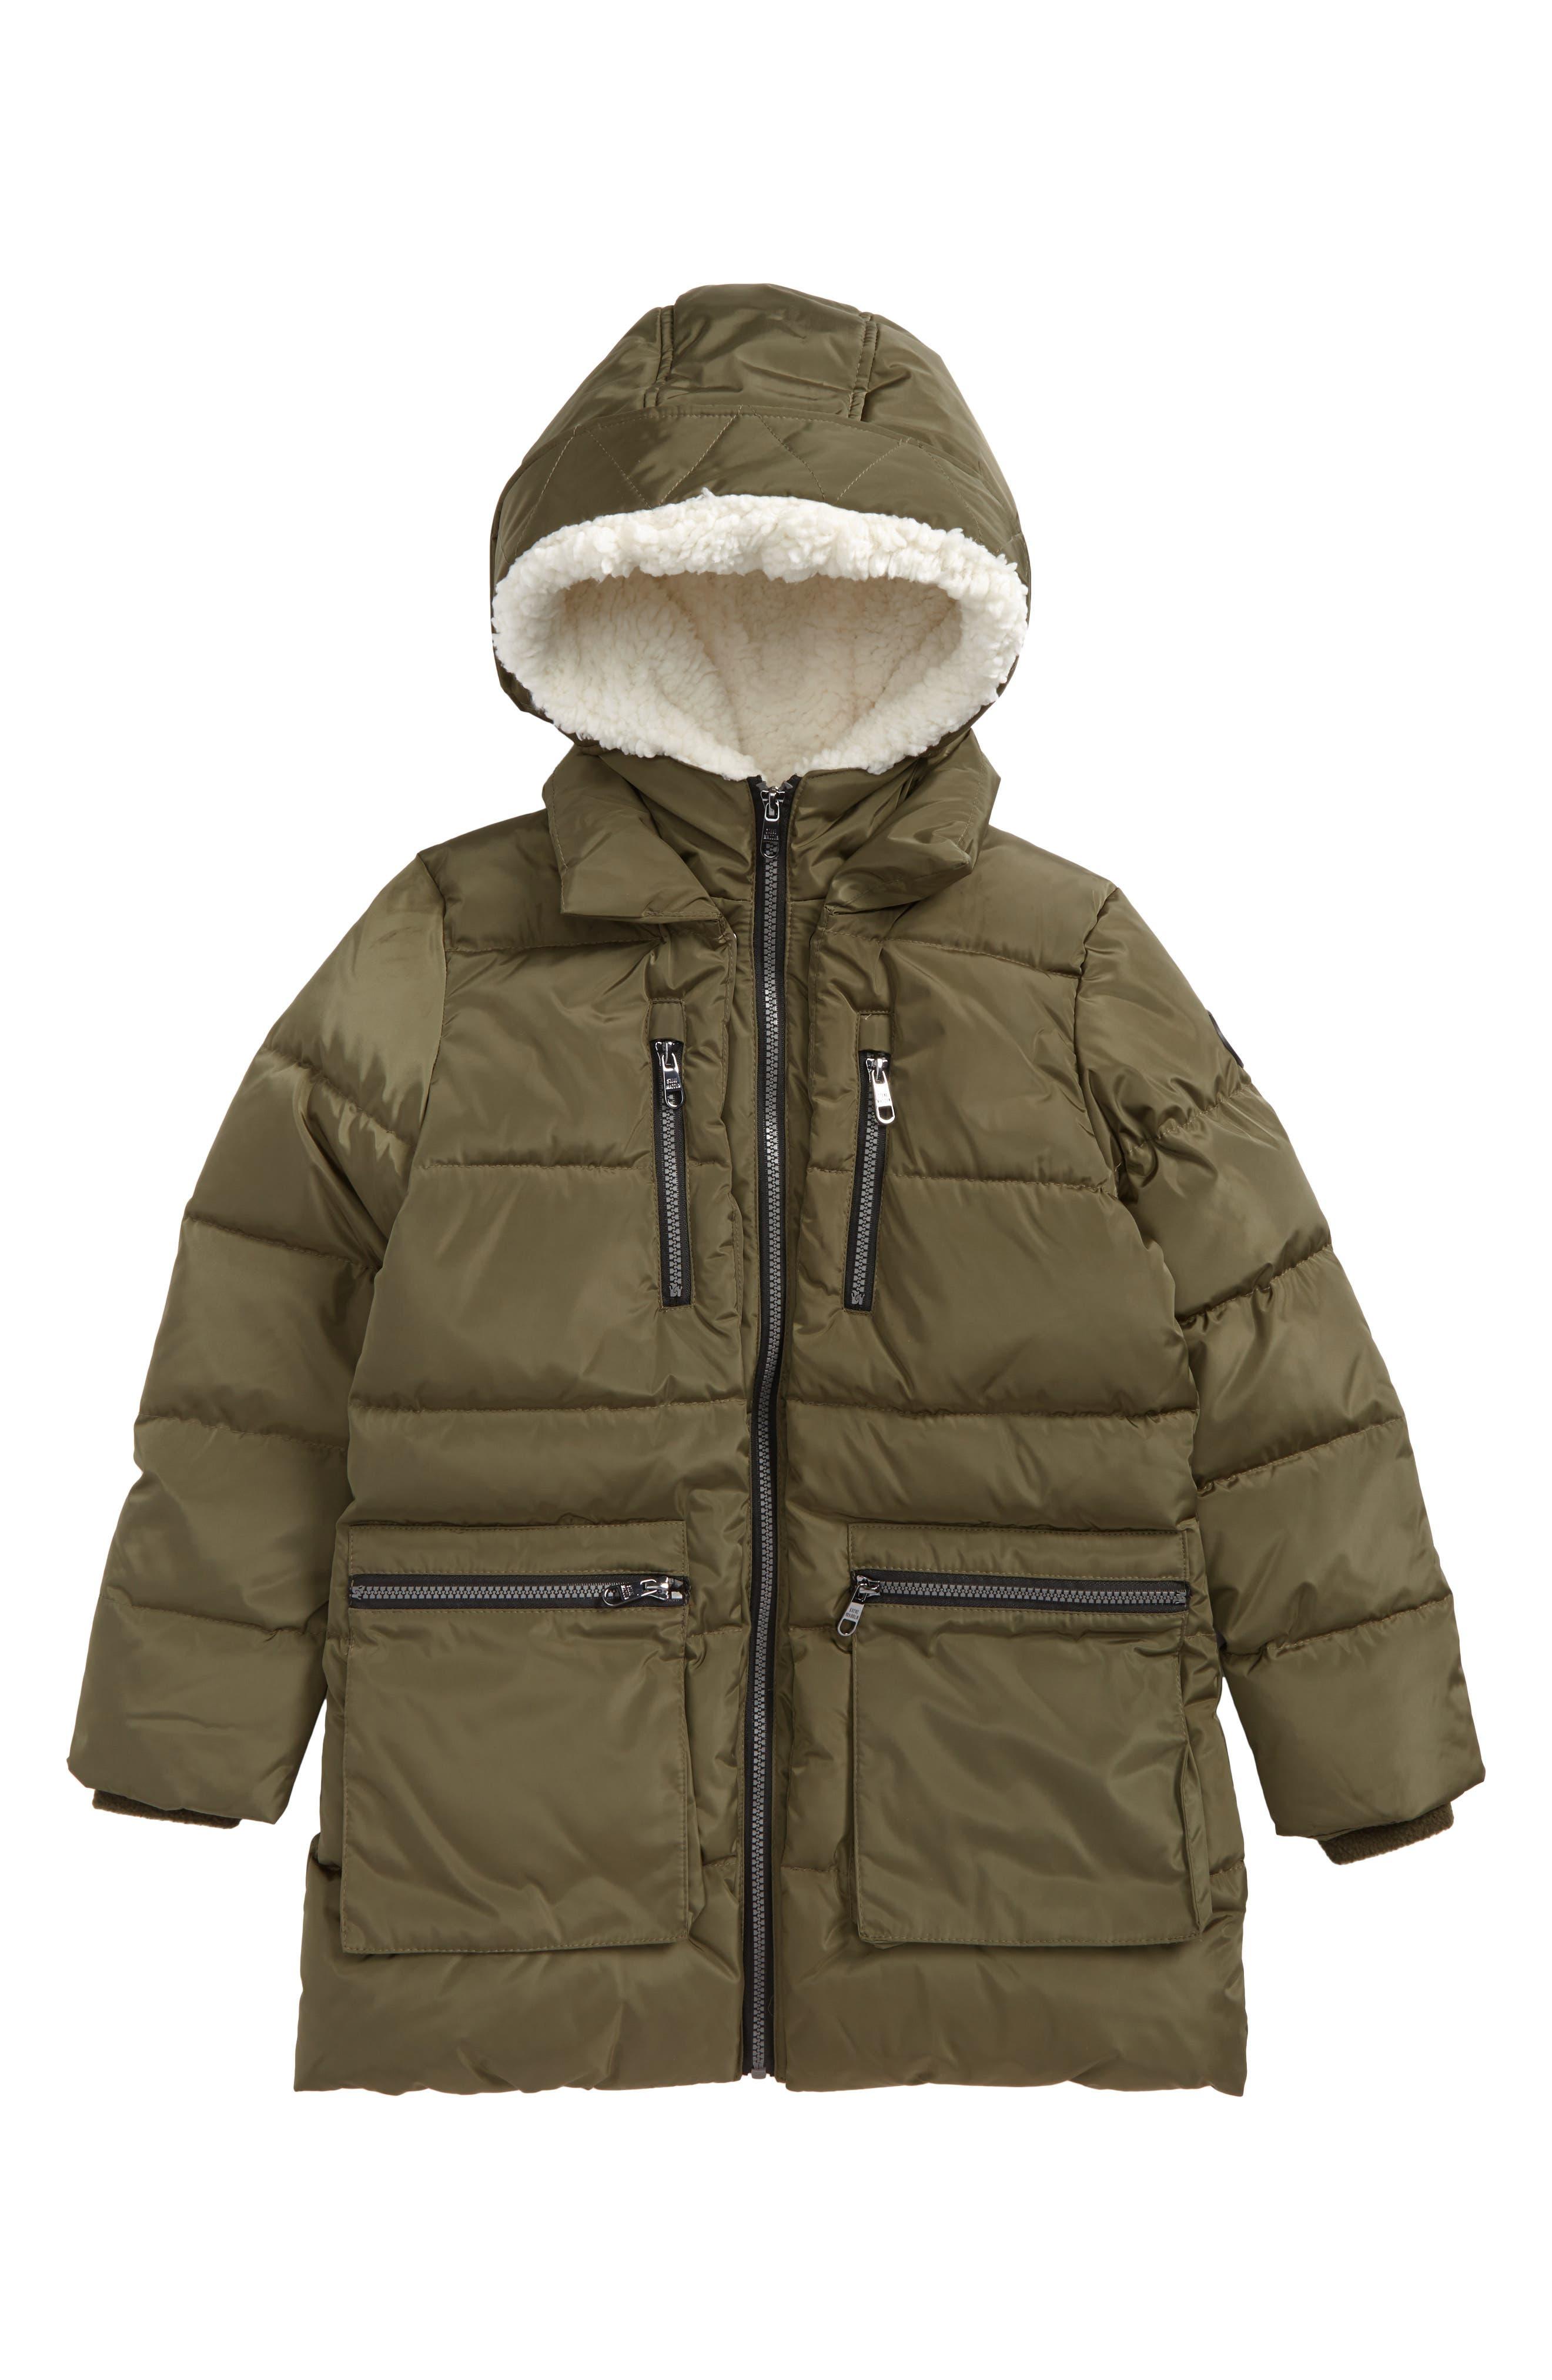 Alternate Image 1 Selected - Steve Madden Hooded Puffer Jacket (Little Girls & Big Girls)